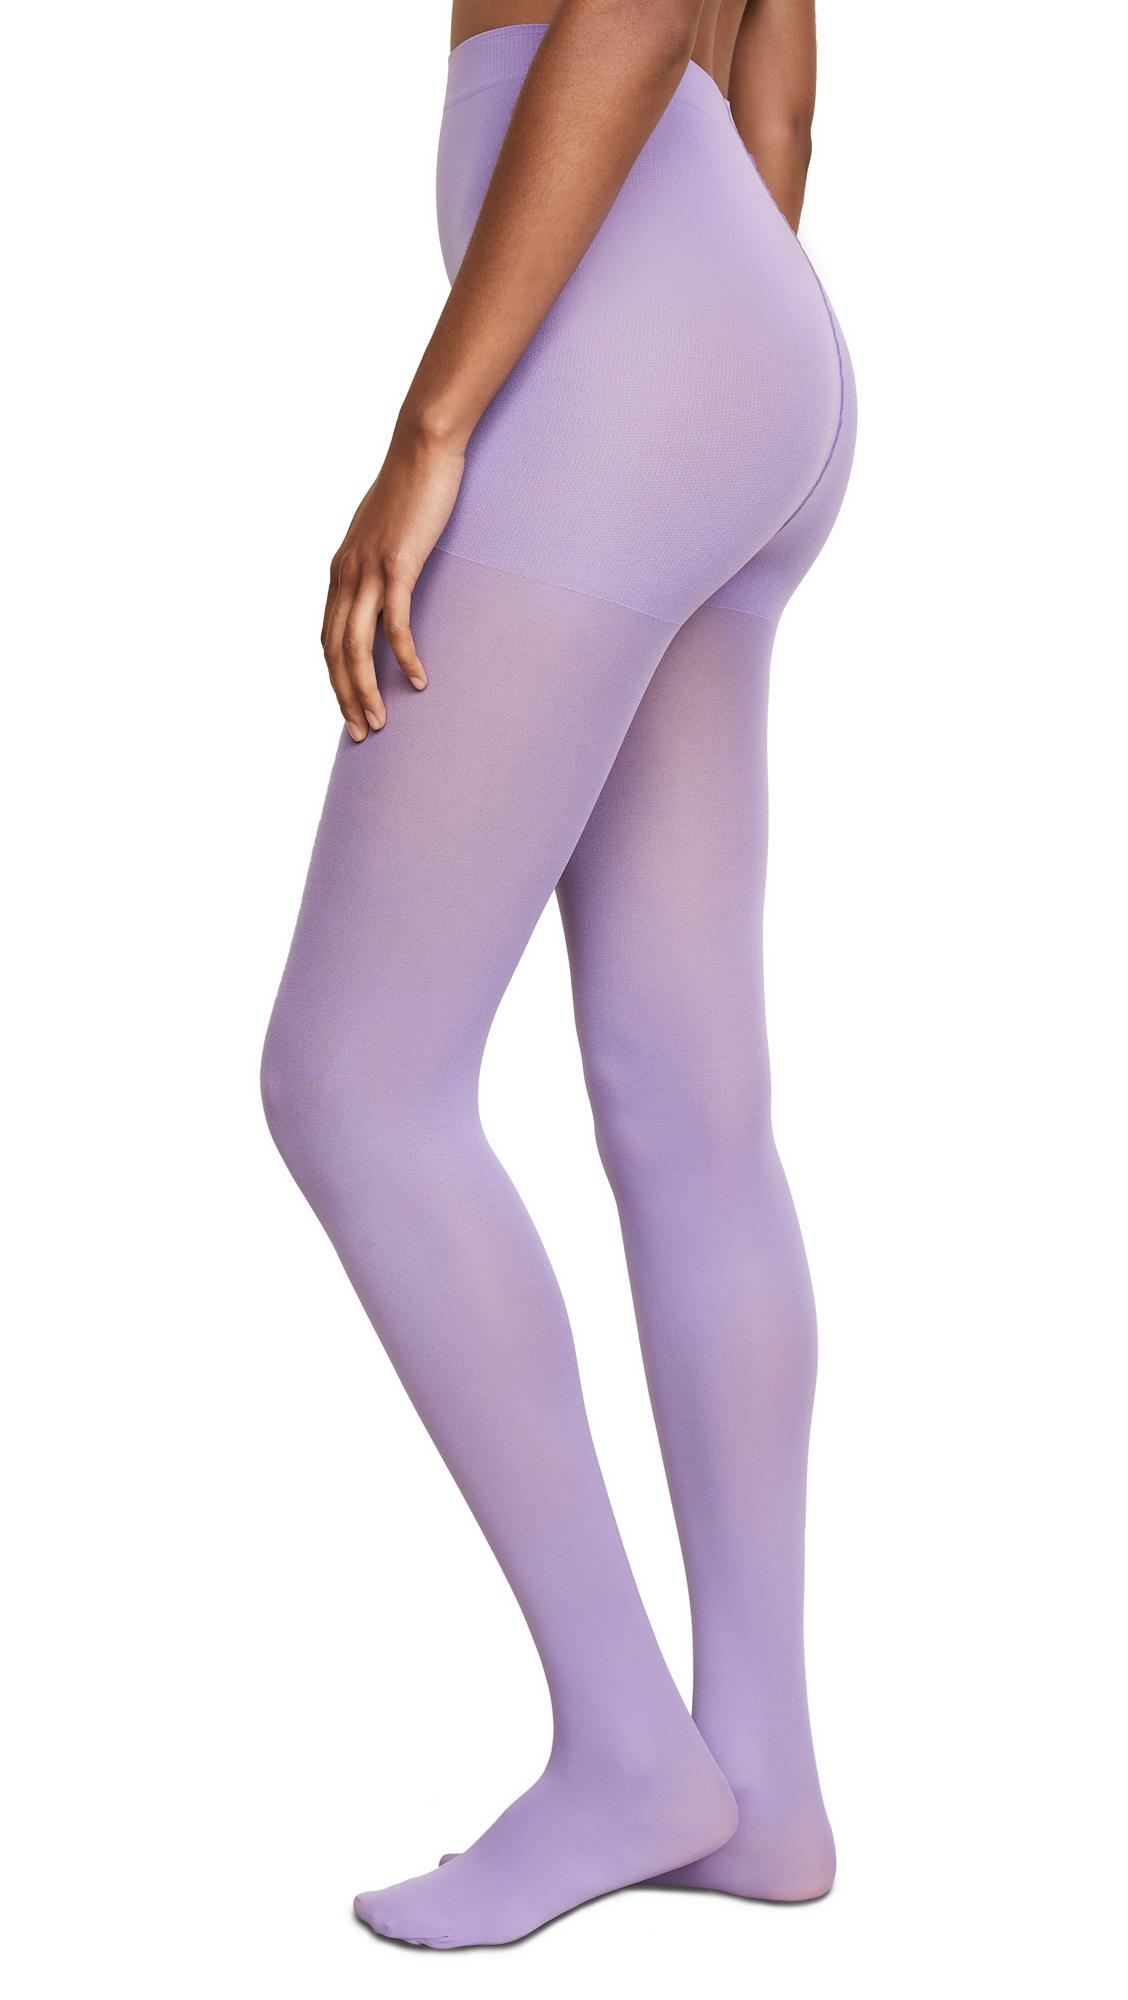 EMILIO CAVALLINI Matte Solid Tights in Purple